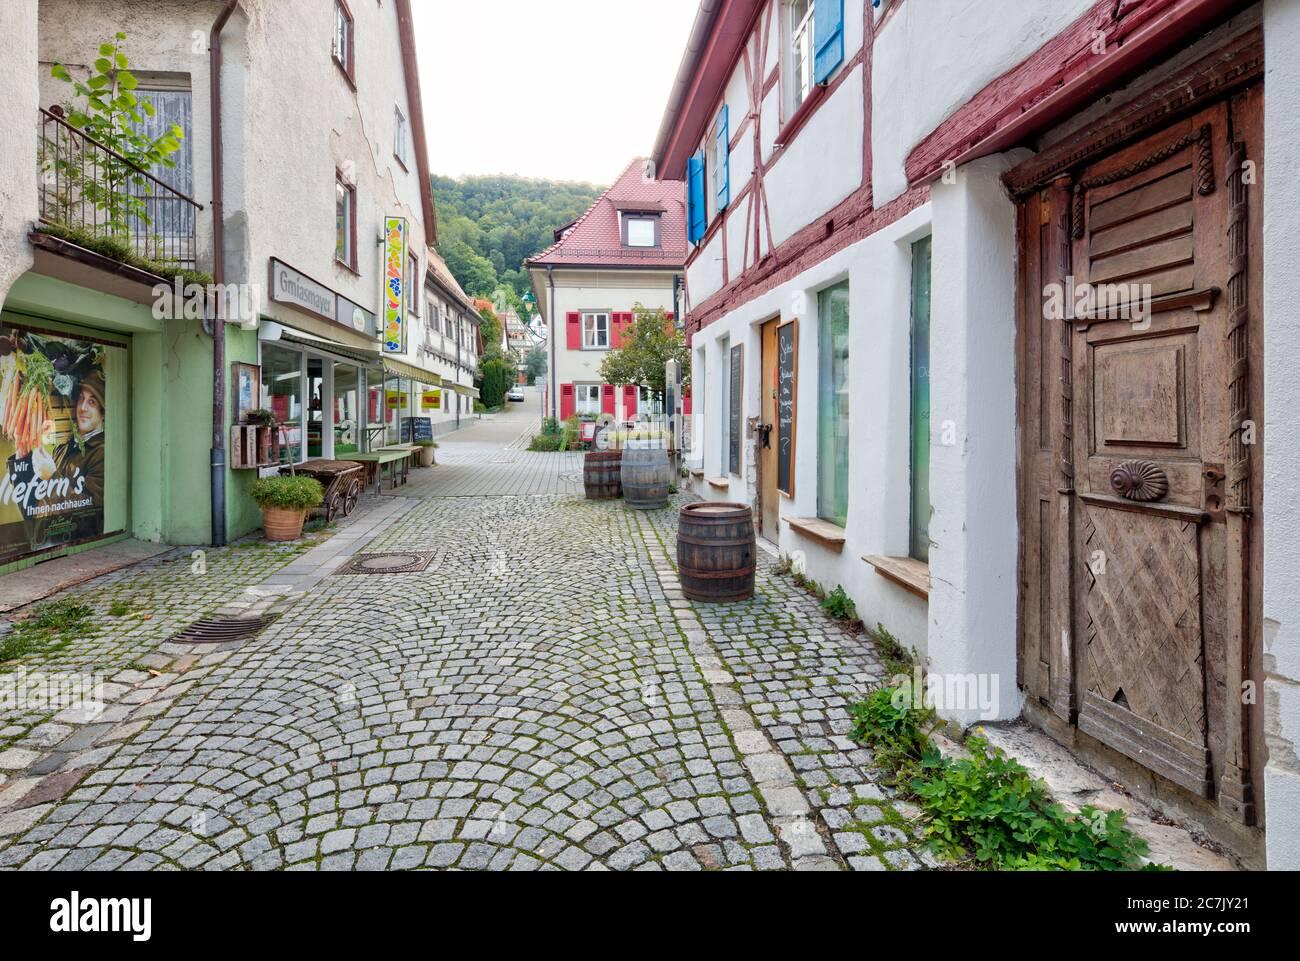 Allée pittoresque, façades de maisons, maison à colombages, idylle, Blaubeuren, quartier Alb-Donau, Swabian Alb, Bade-Wurtemberg, Allemagne Banque D'Images